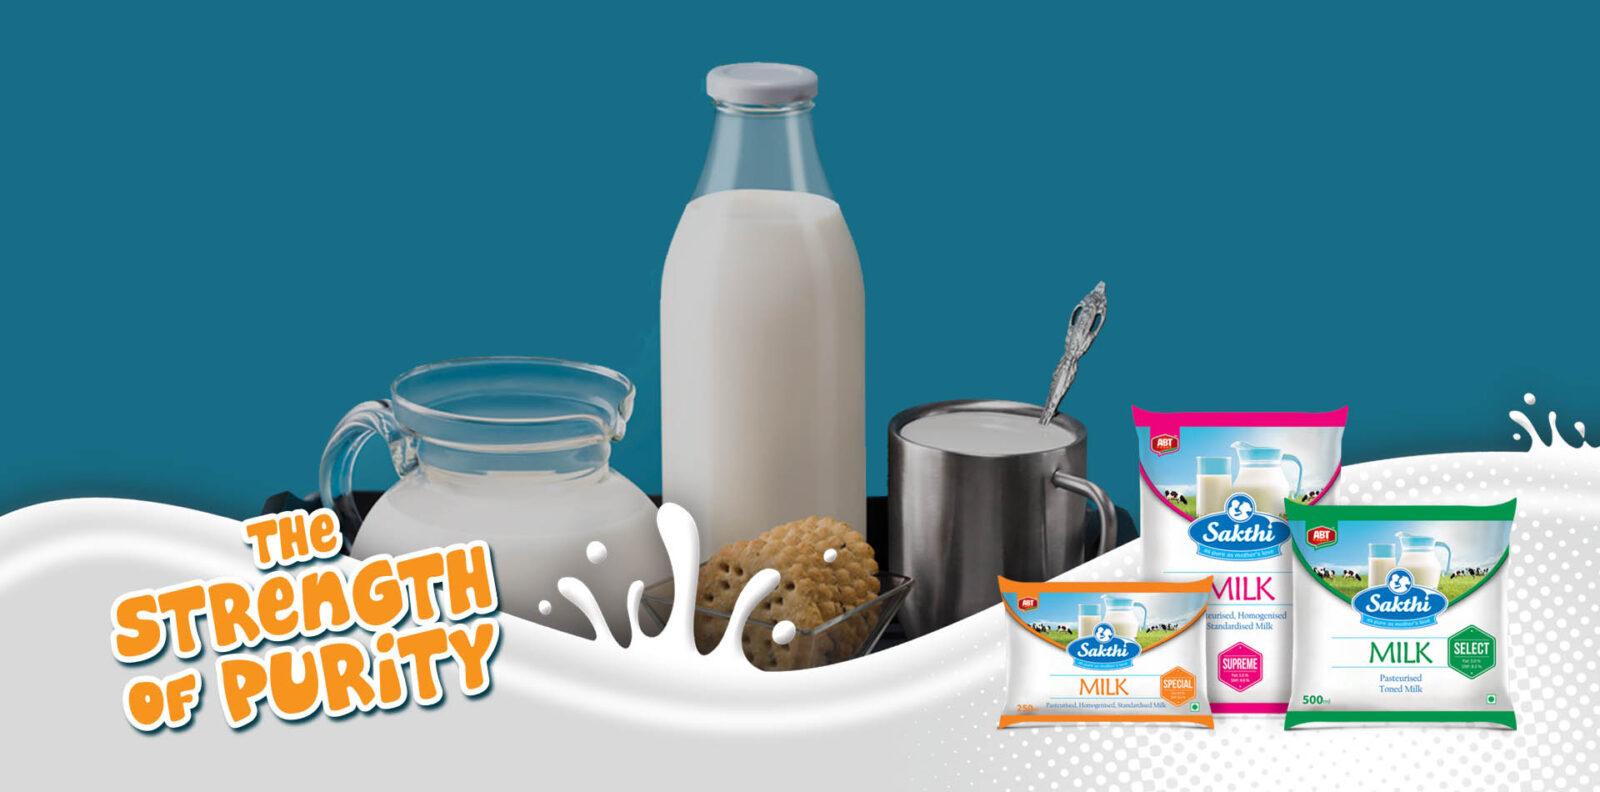 Sakthi Dairy